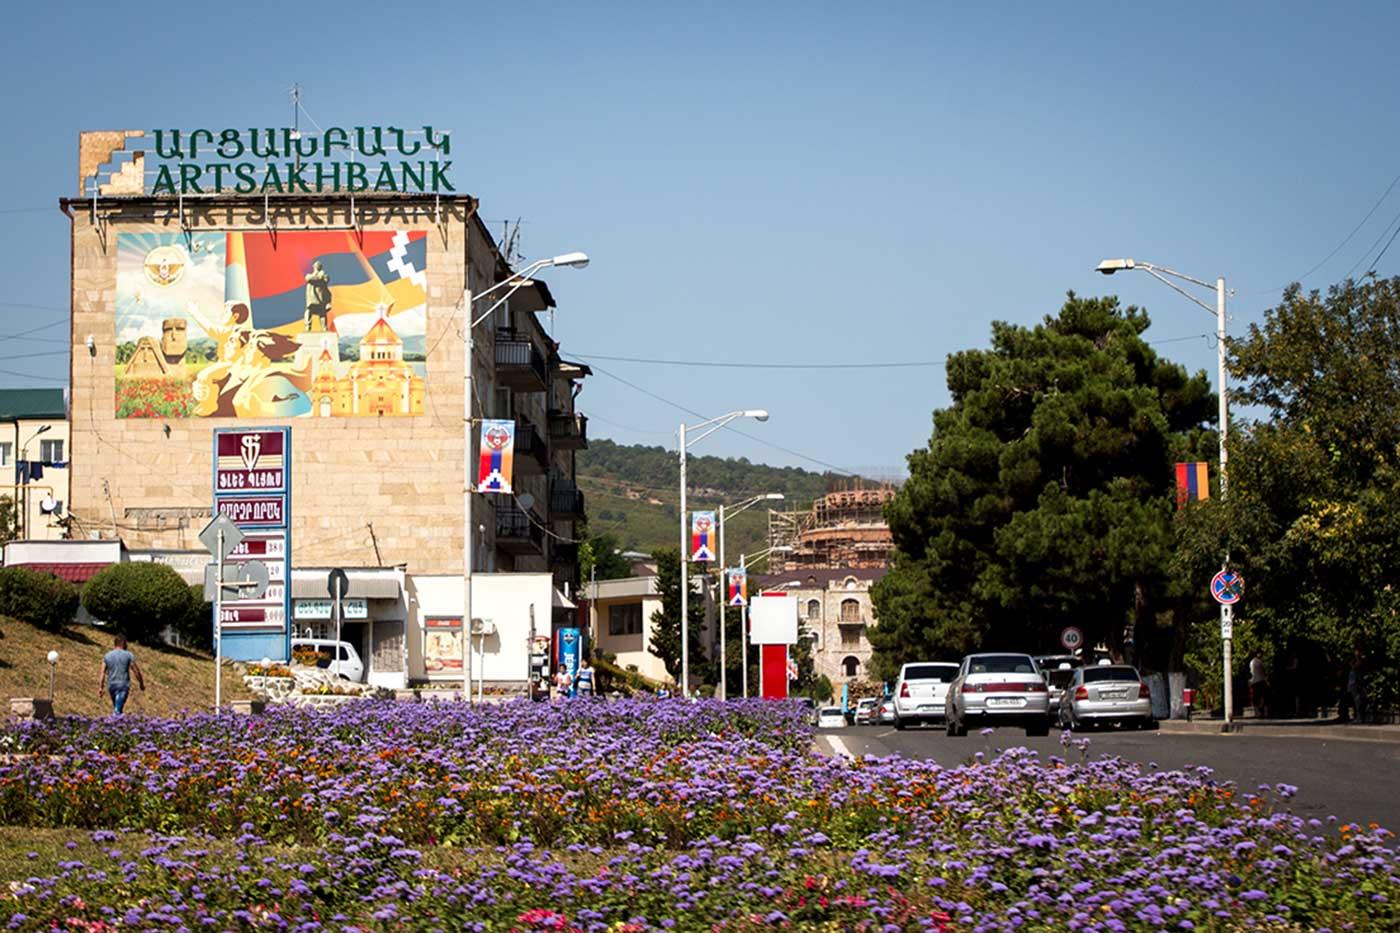 A main street in downtown Stepanakert, Nagorno-Karabakh.